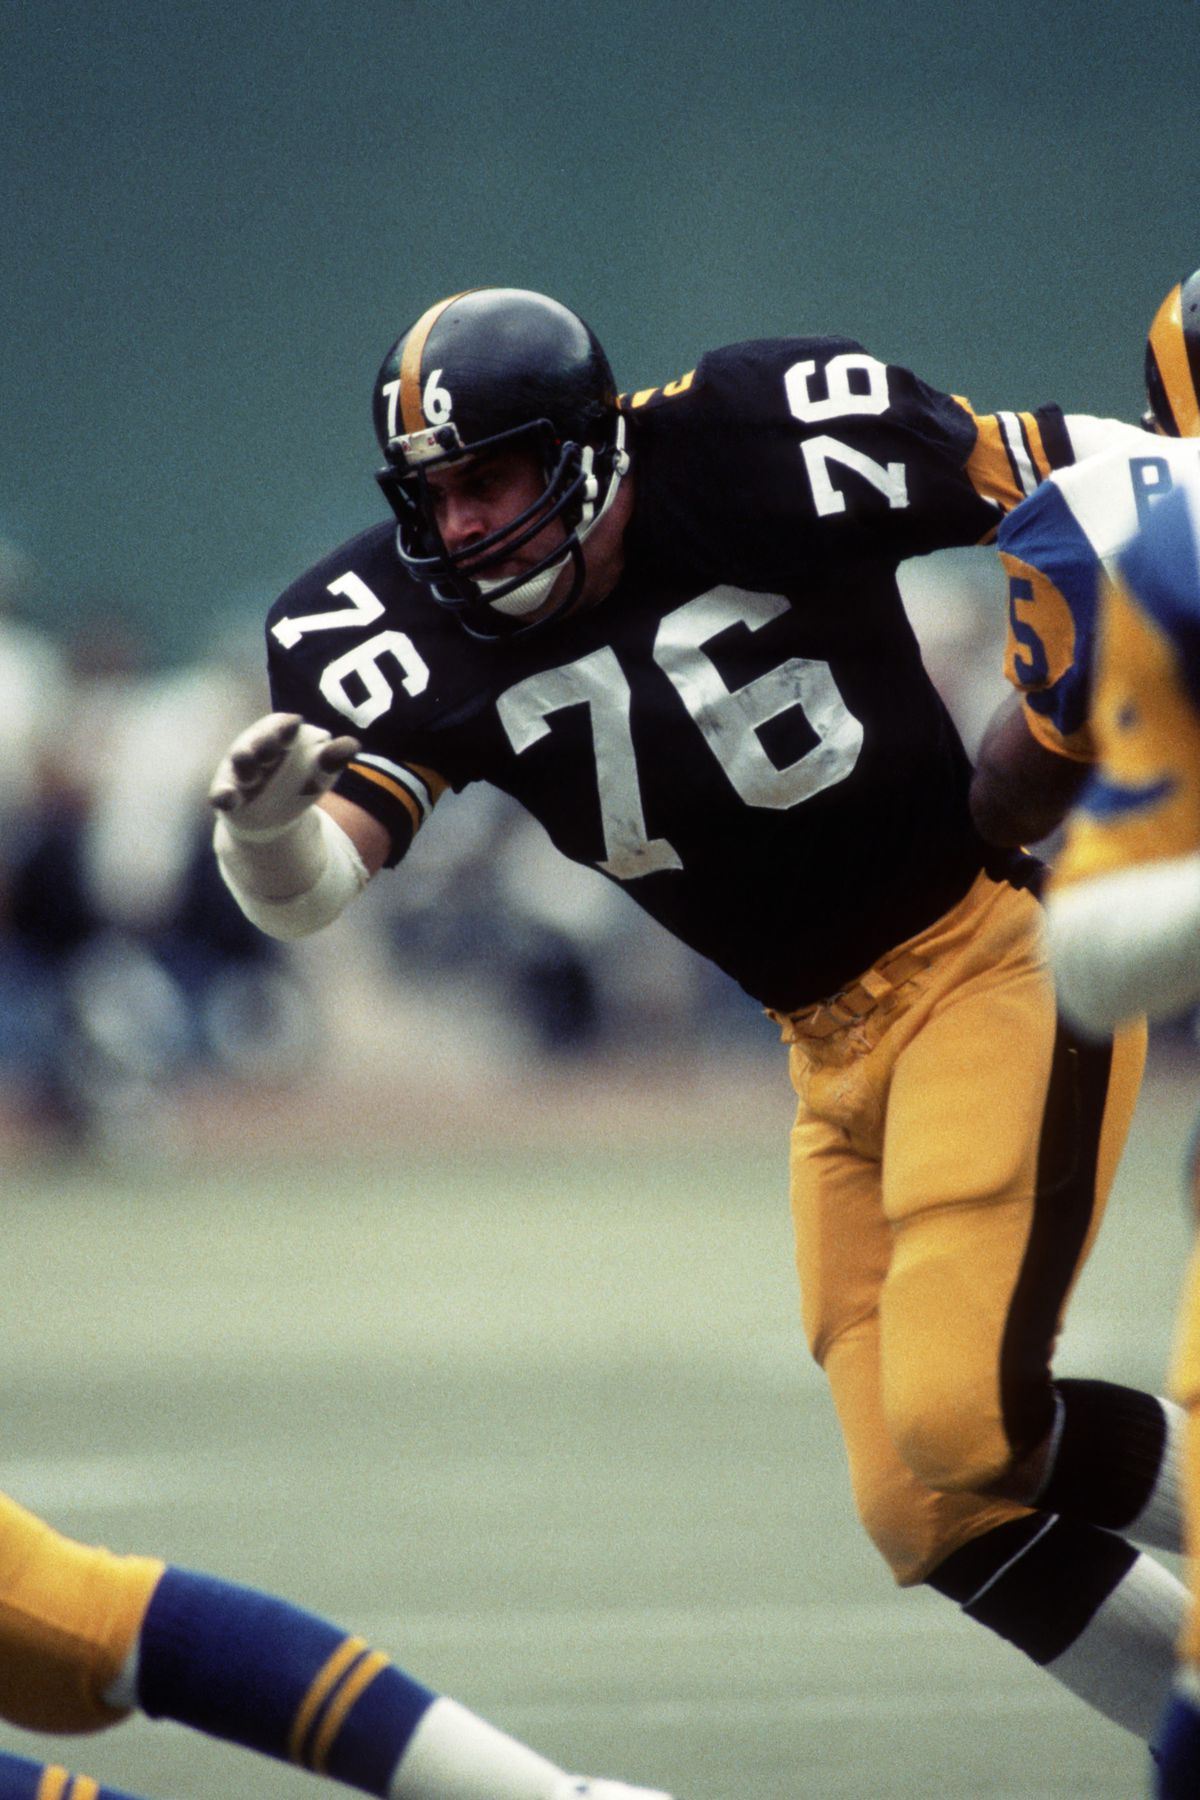 Steelers John Banaszak